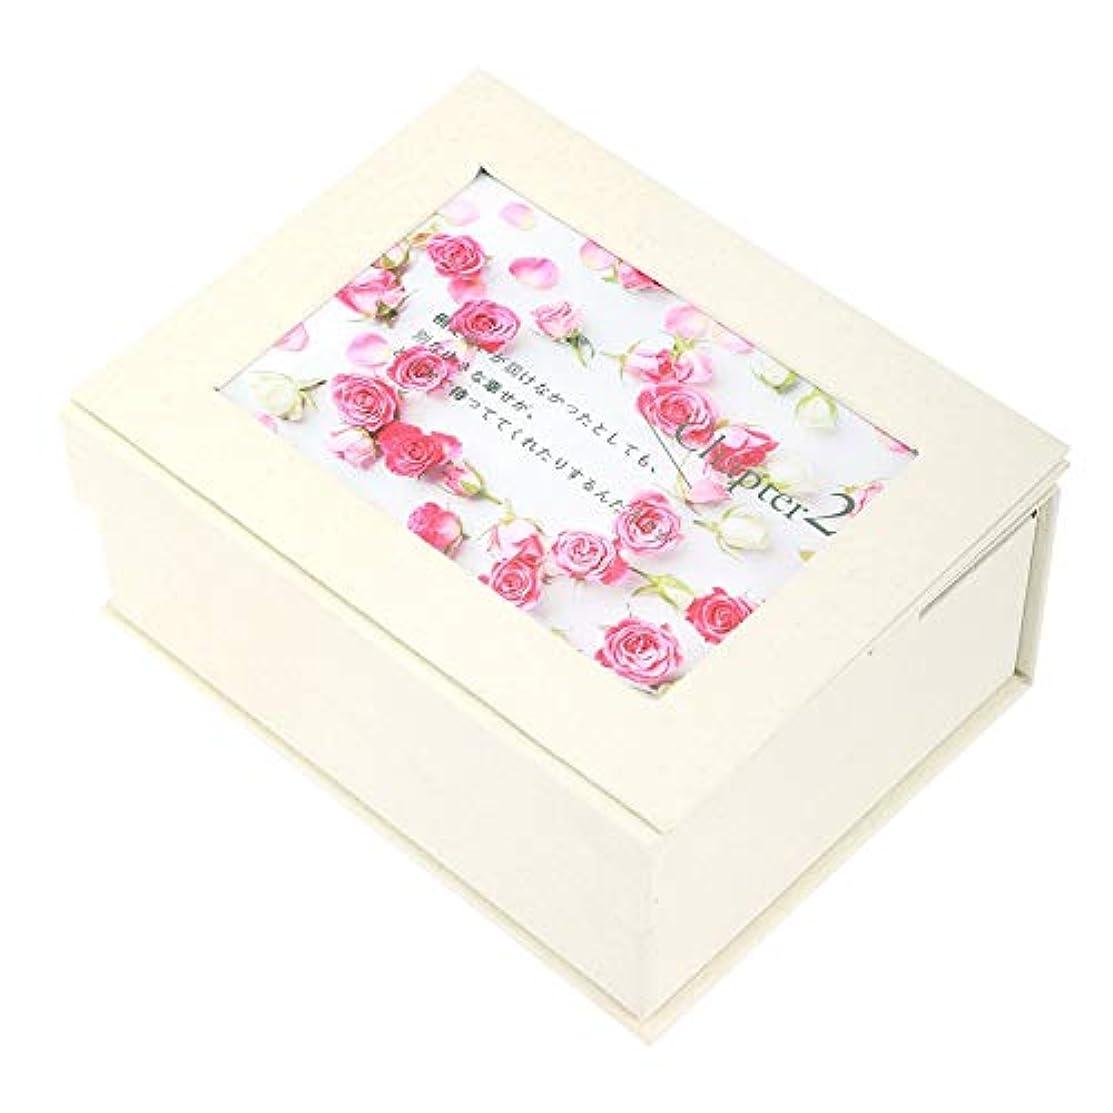 スティックプロフェッショナルオレンジ石鹸の花のギフト用の箱、石鹸の花のギフト用の箱の女の子のお母さんの誕生日のクリスマスの結婚式のギフトの写真フレームが付いている花の石鹸(#1)